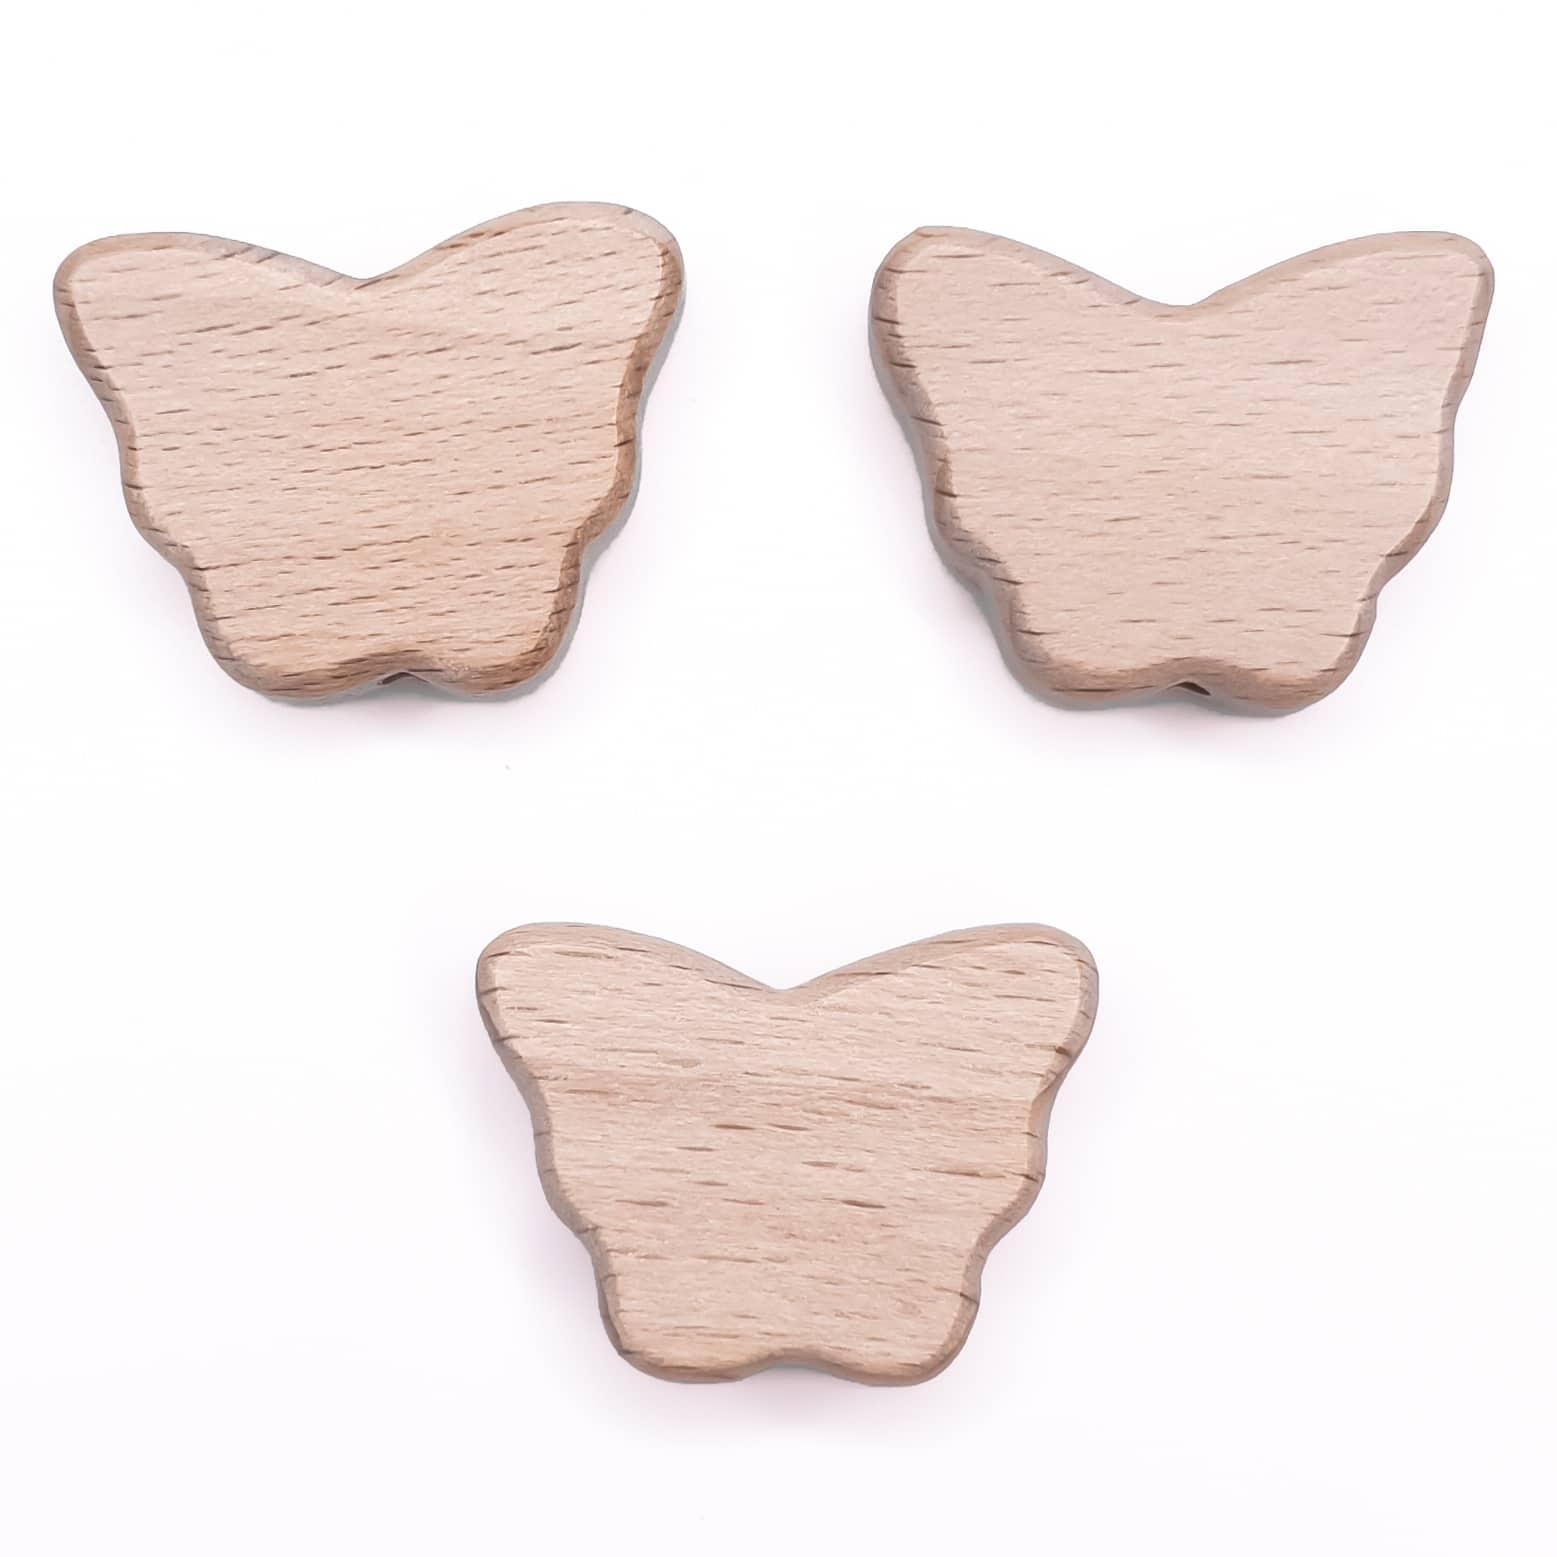 Houten kraal vlinder vorm beuken hout baby veilig